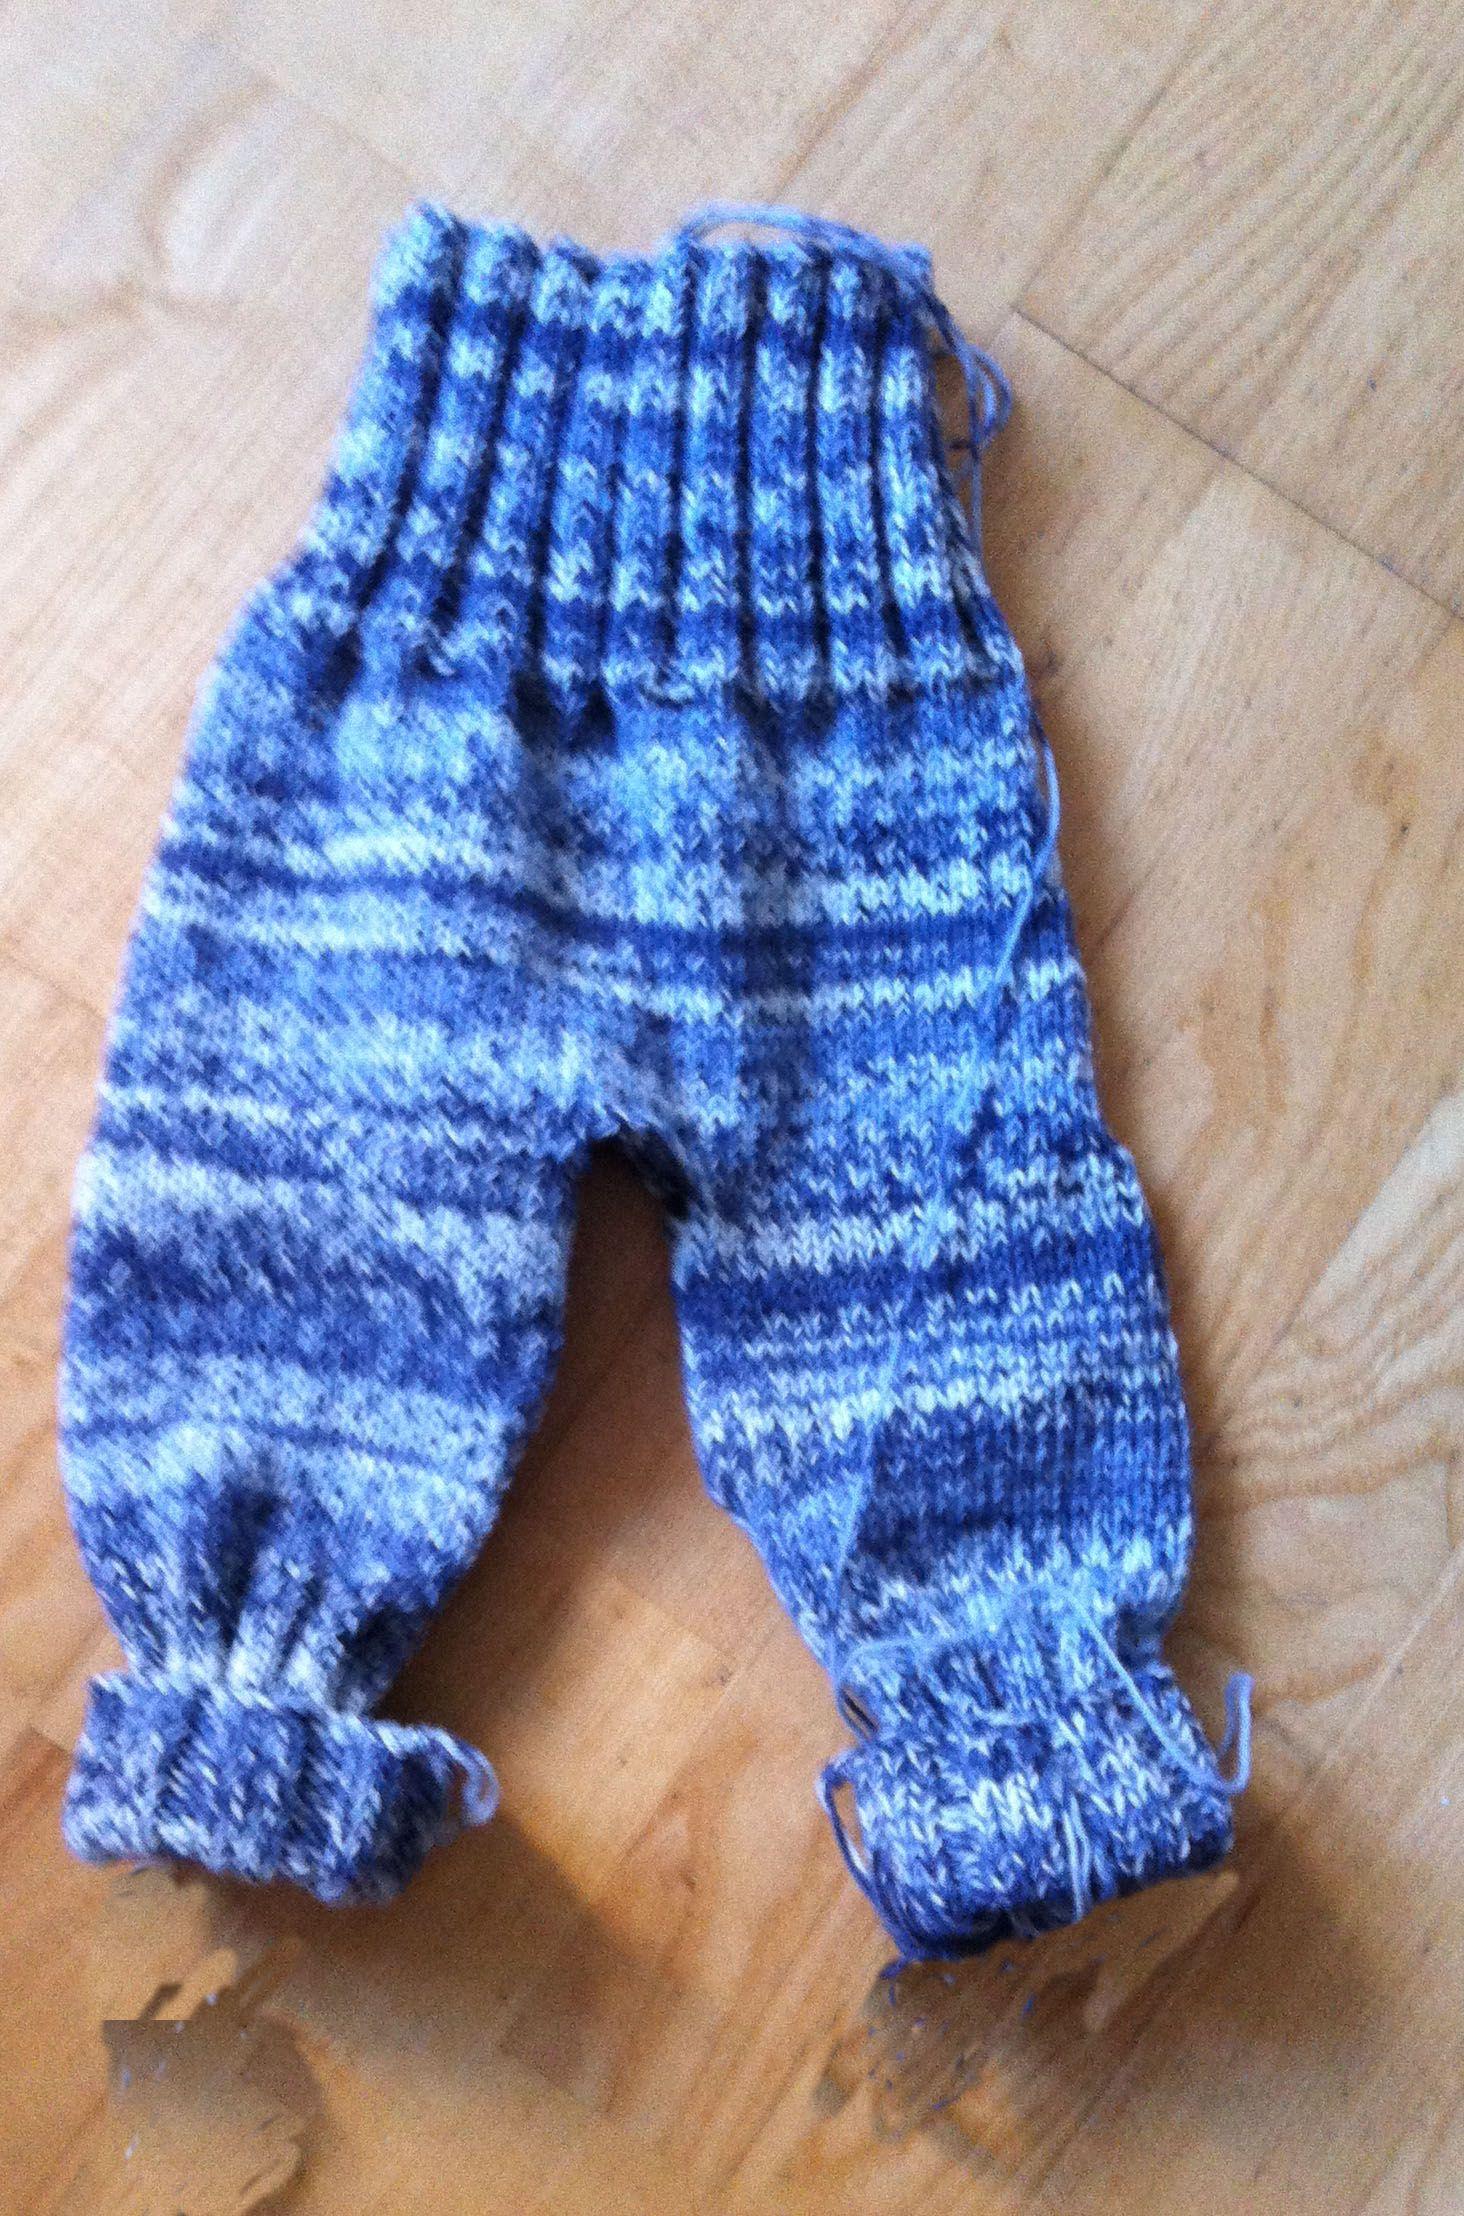 78954f2a Disse strikkede baby bukser kan du finde opskrift på her på siden. De  sidder perfekt